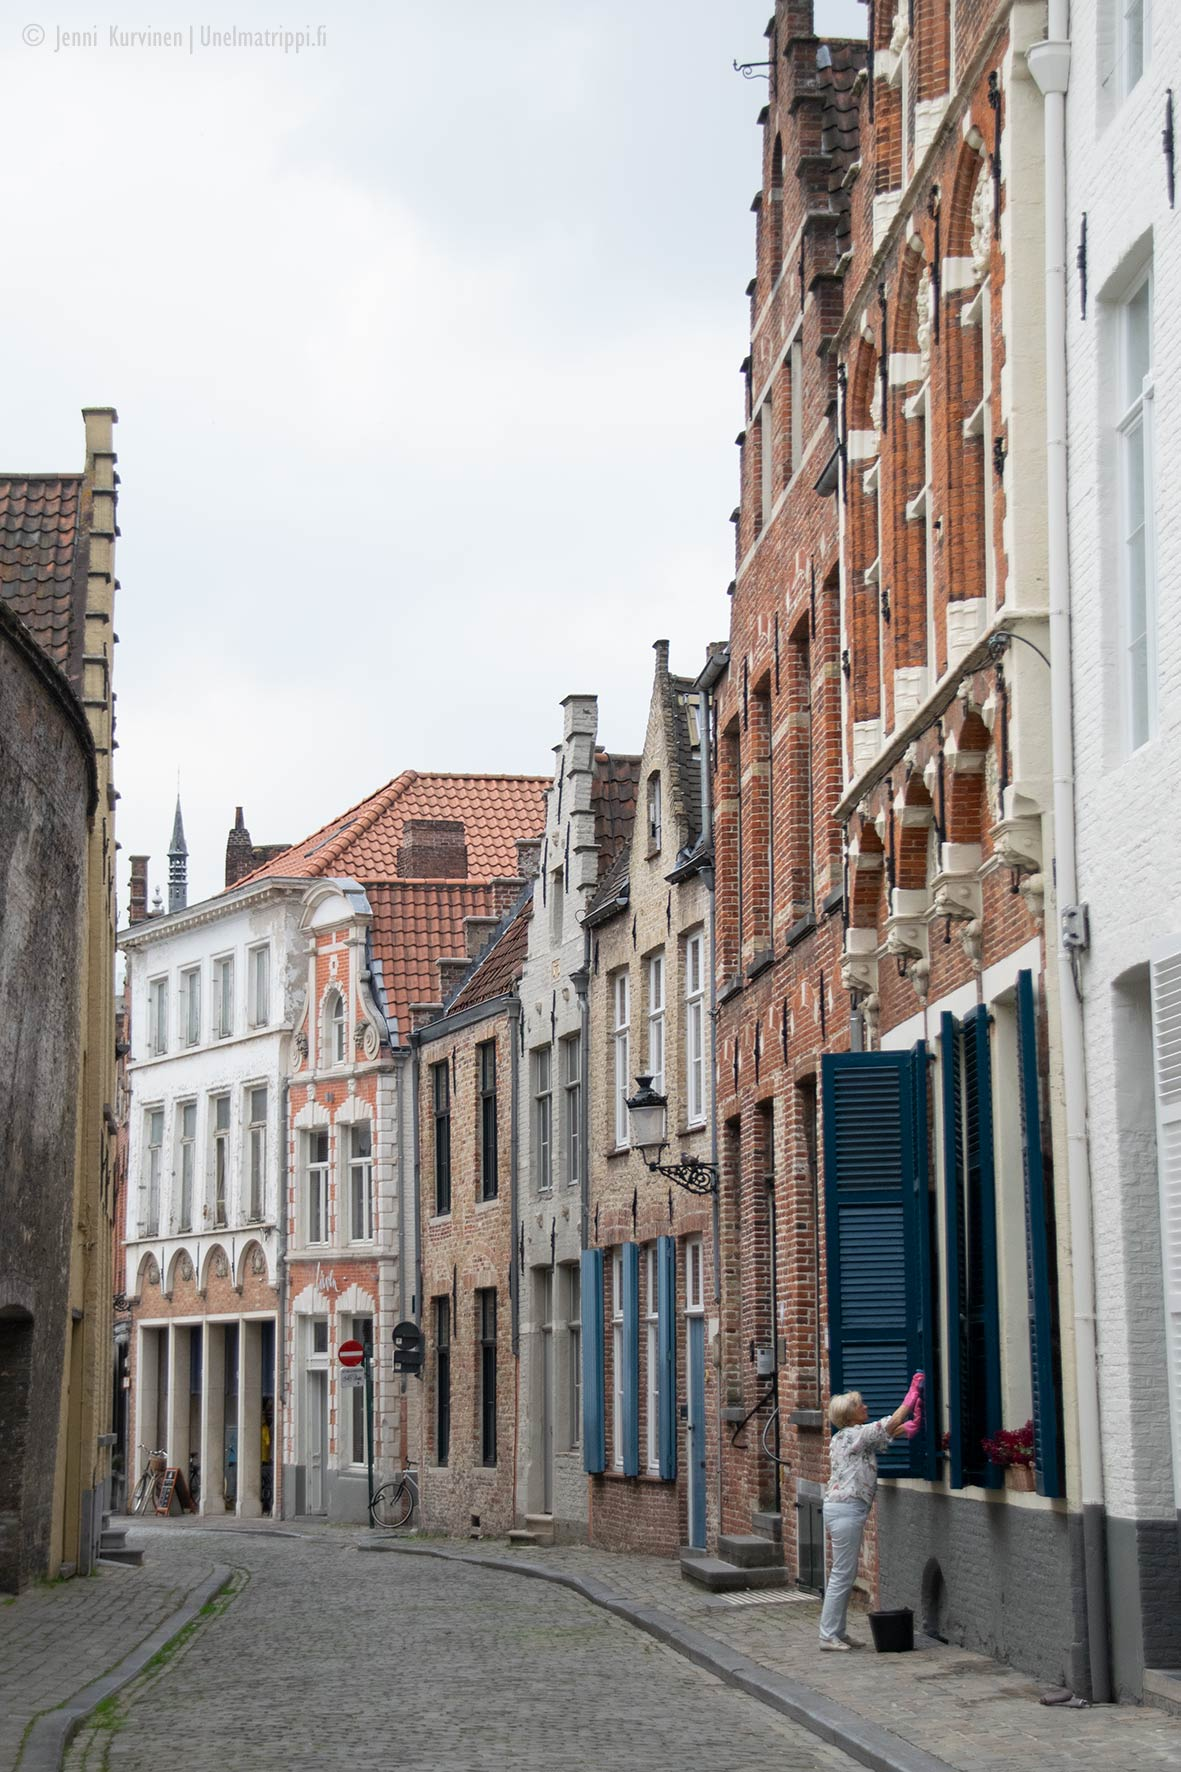 20181007-Unelmatrippi-Brugge-DSC0828